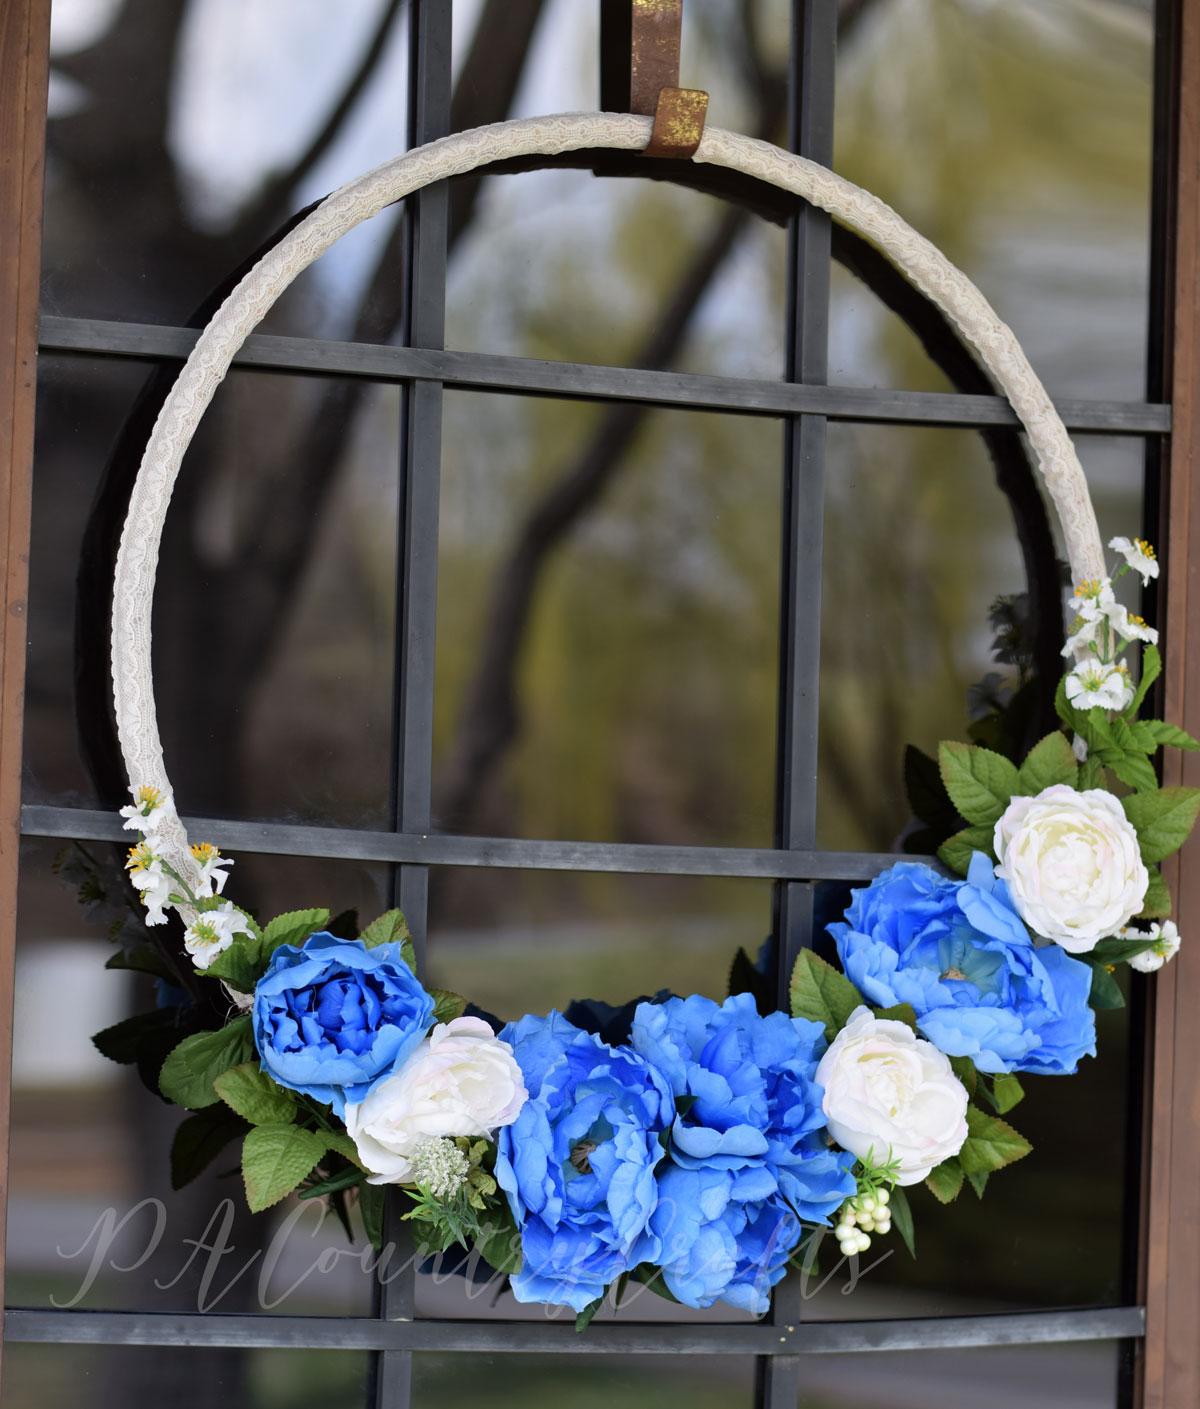 Hula Hoop Wreath Tutorial